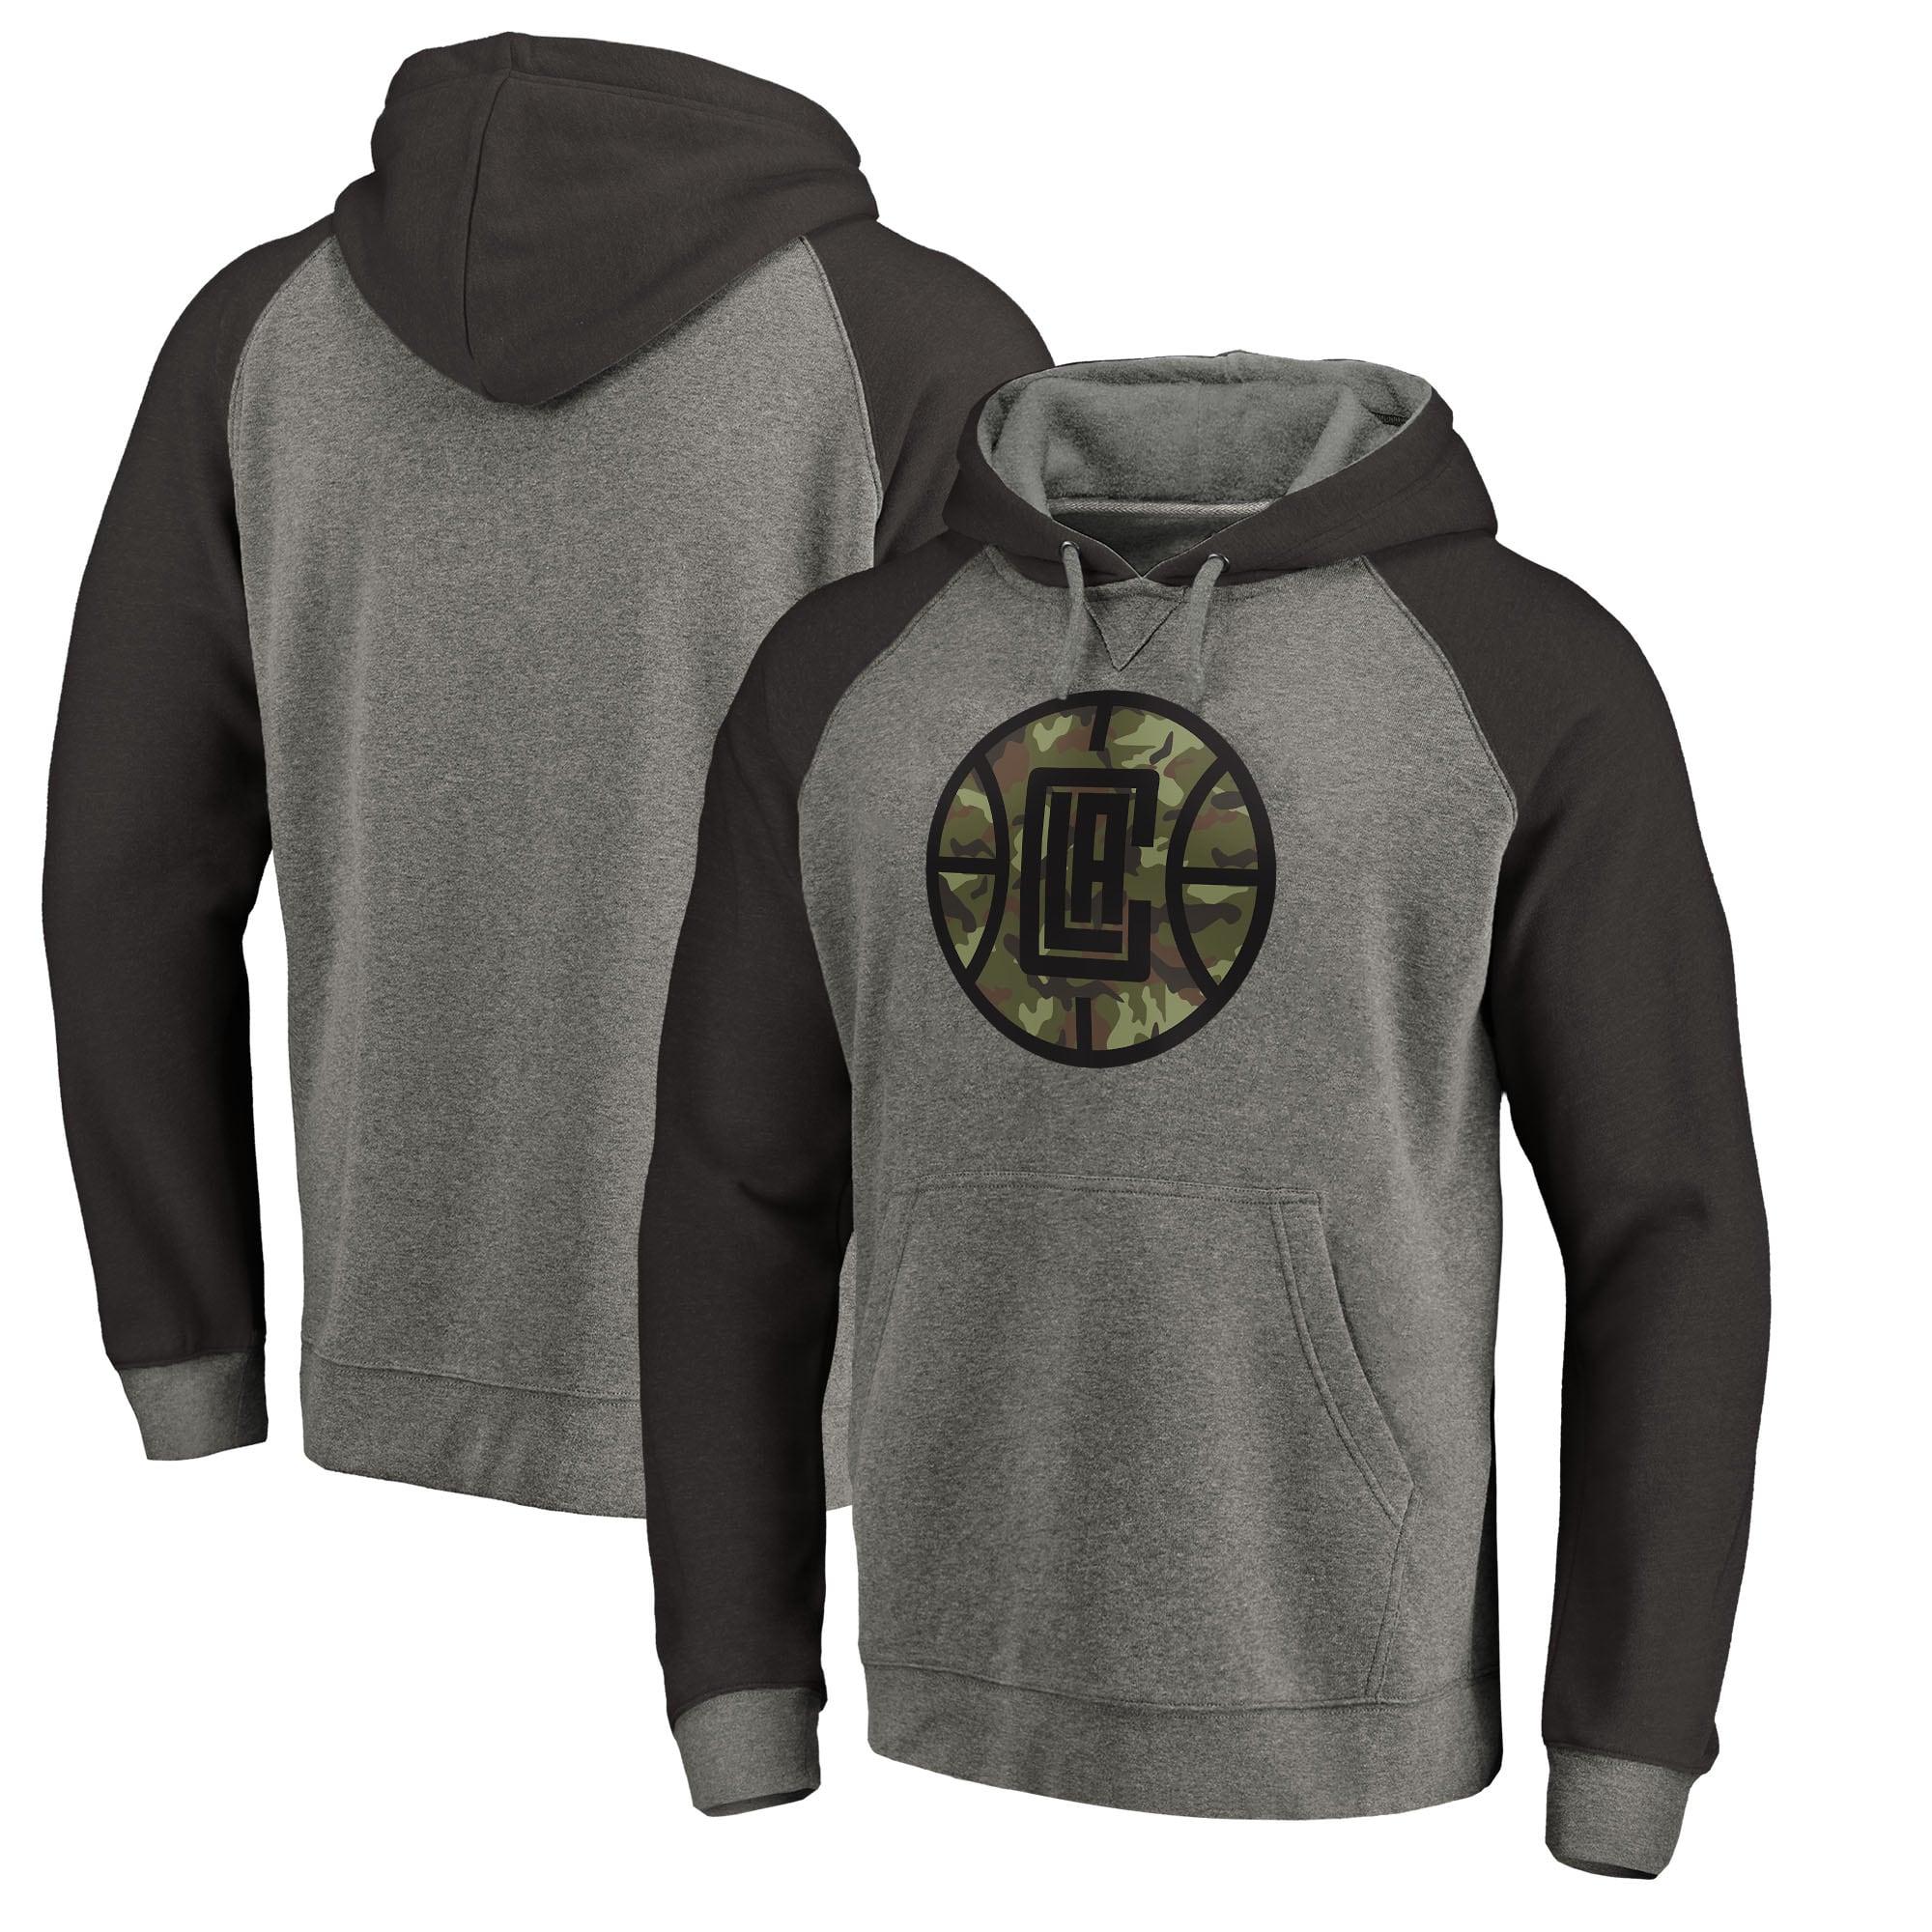 LA Clippers Fanatics Branded Prestige Camo Tri-Blend Pullover Hoodie - Heathered Gray